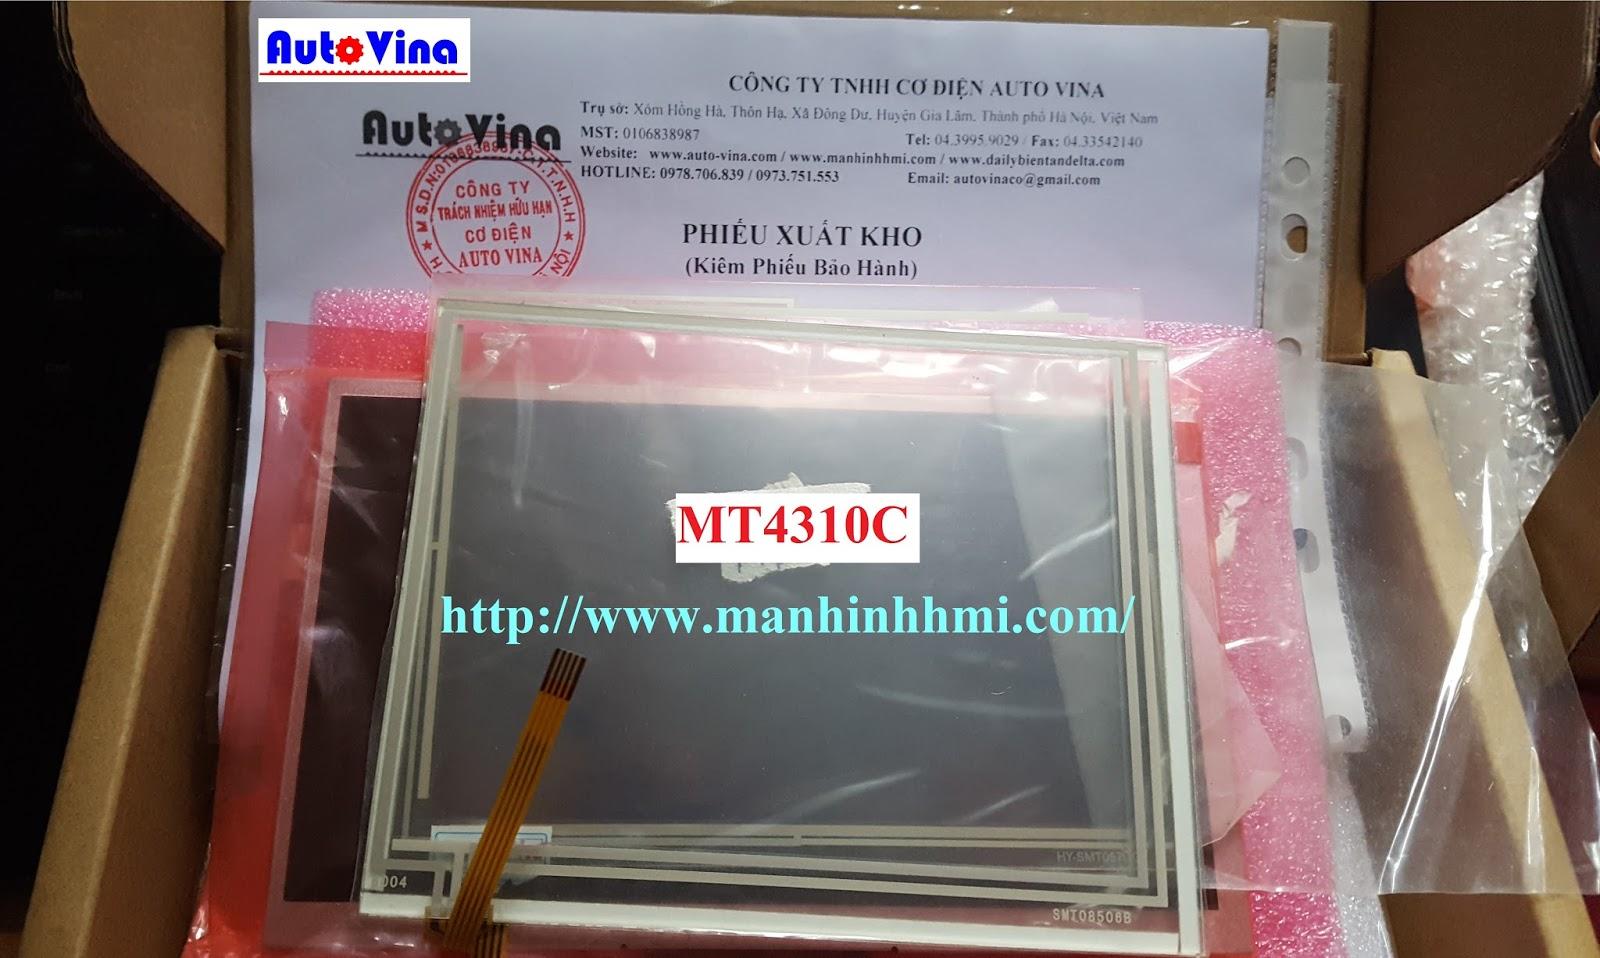 Cung cấp phụ kiện sửa chữa, thay thế tấm kính cảm ứng HMI Kinco MT4310C 5.6 inch